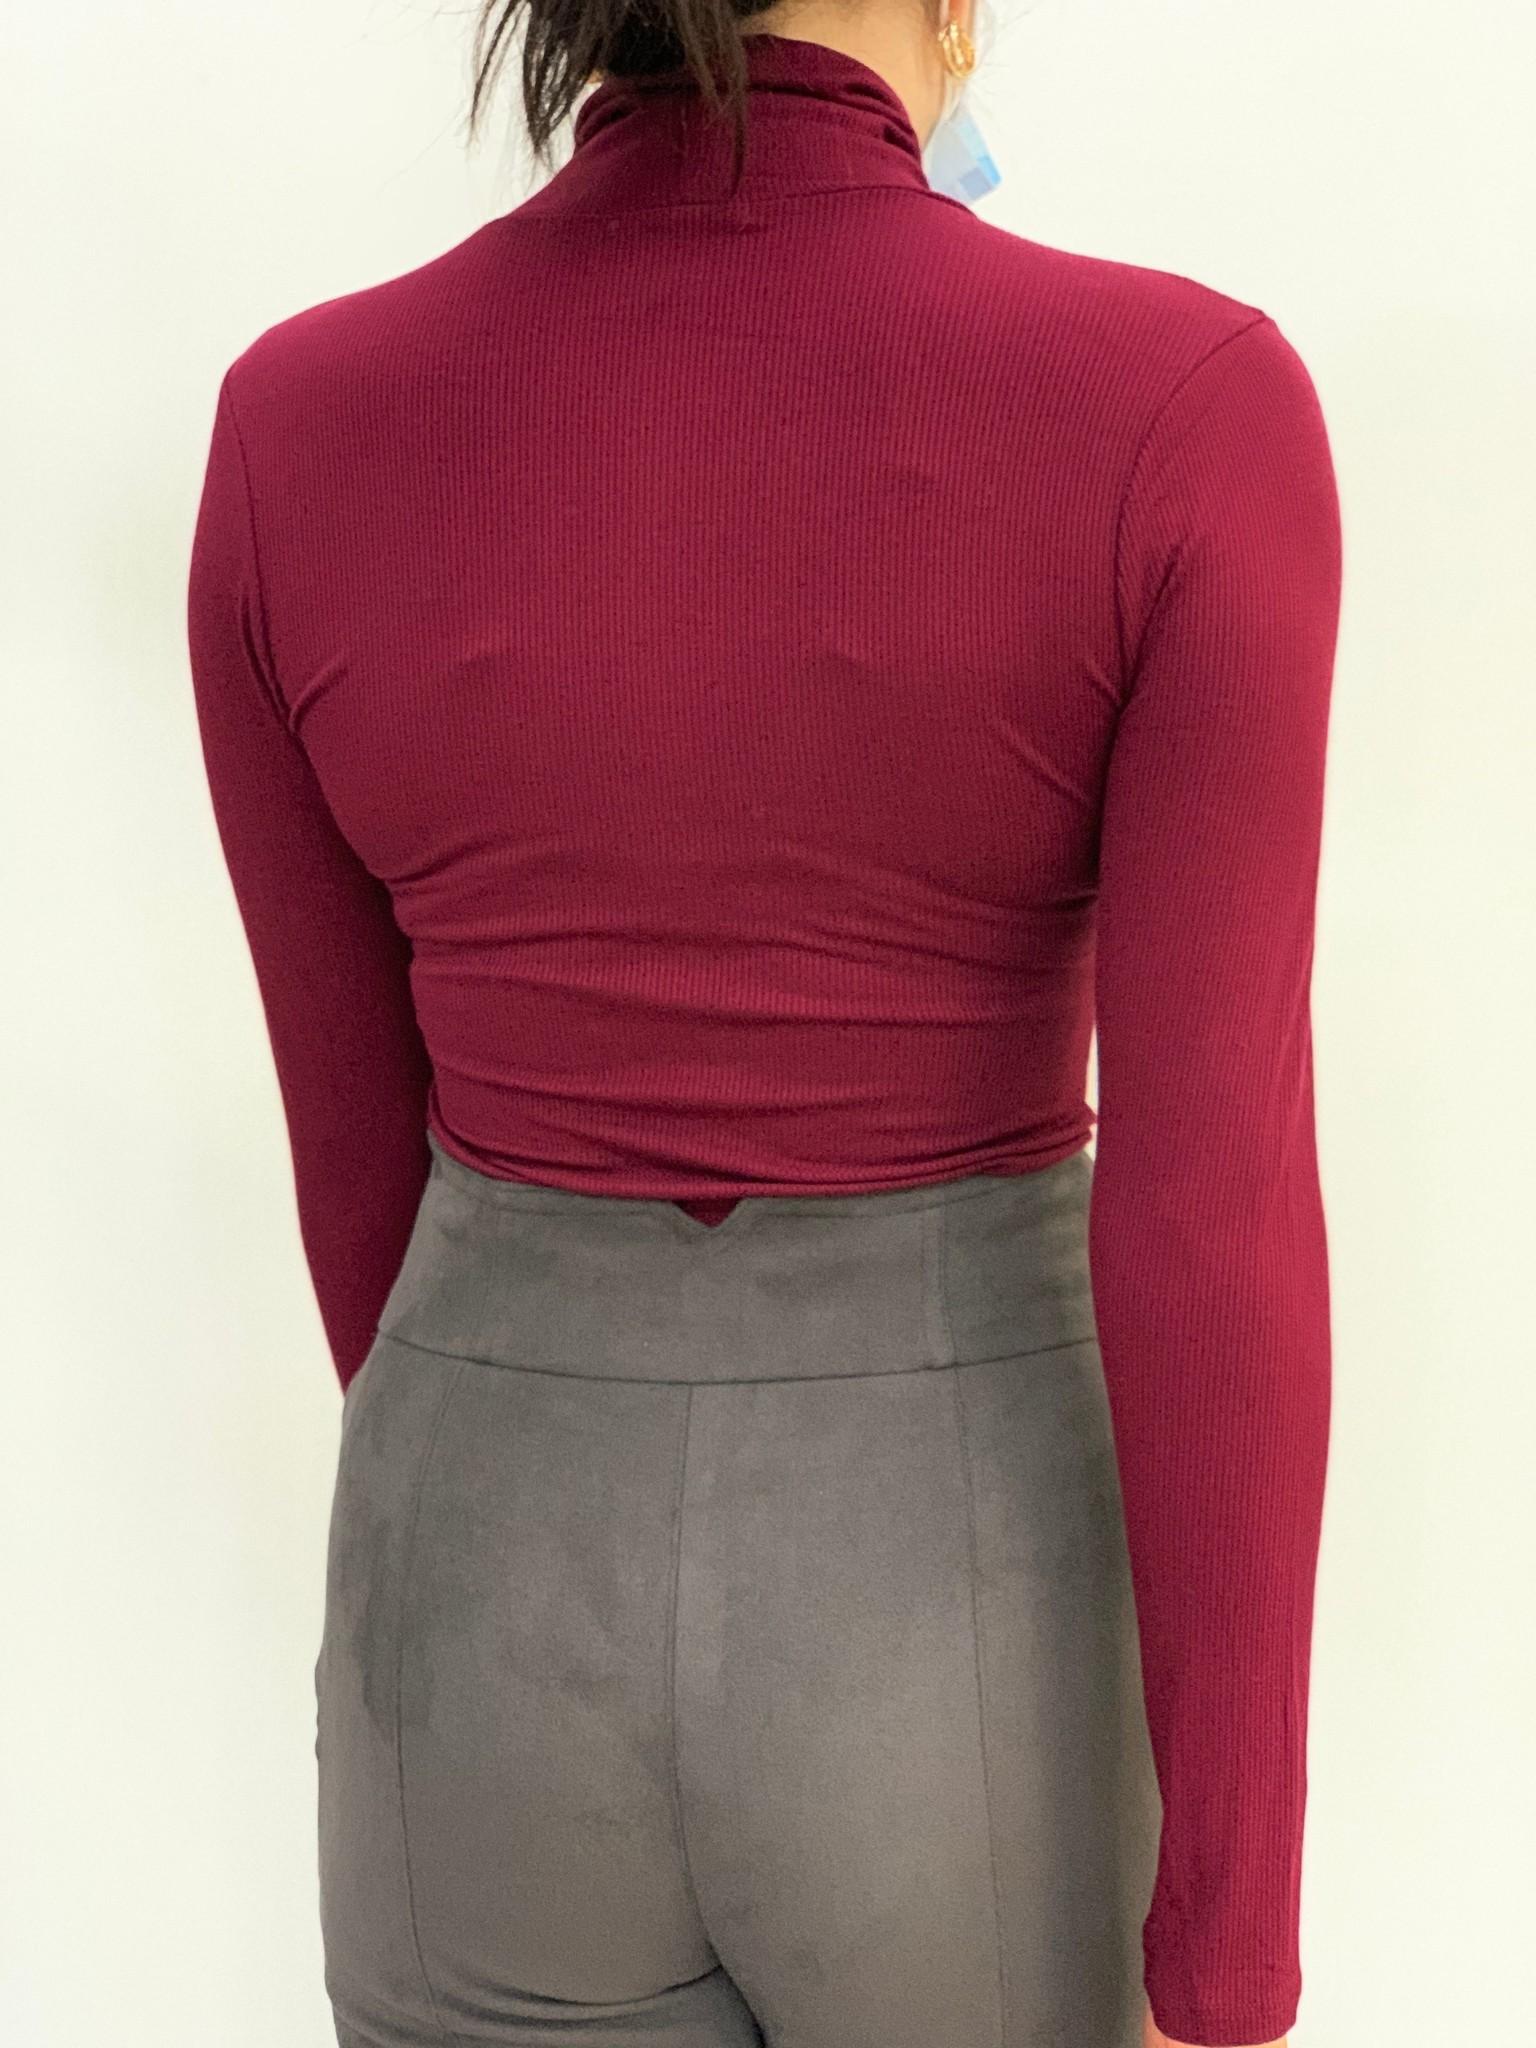 Brave turtleneck long sleeve bodysuit